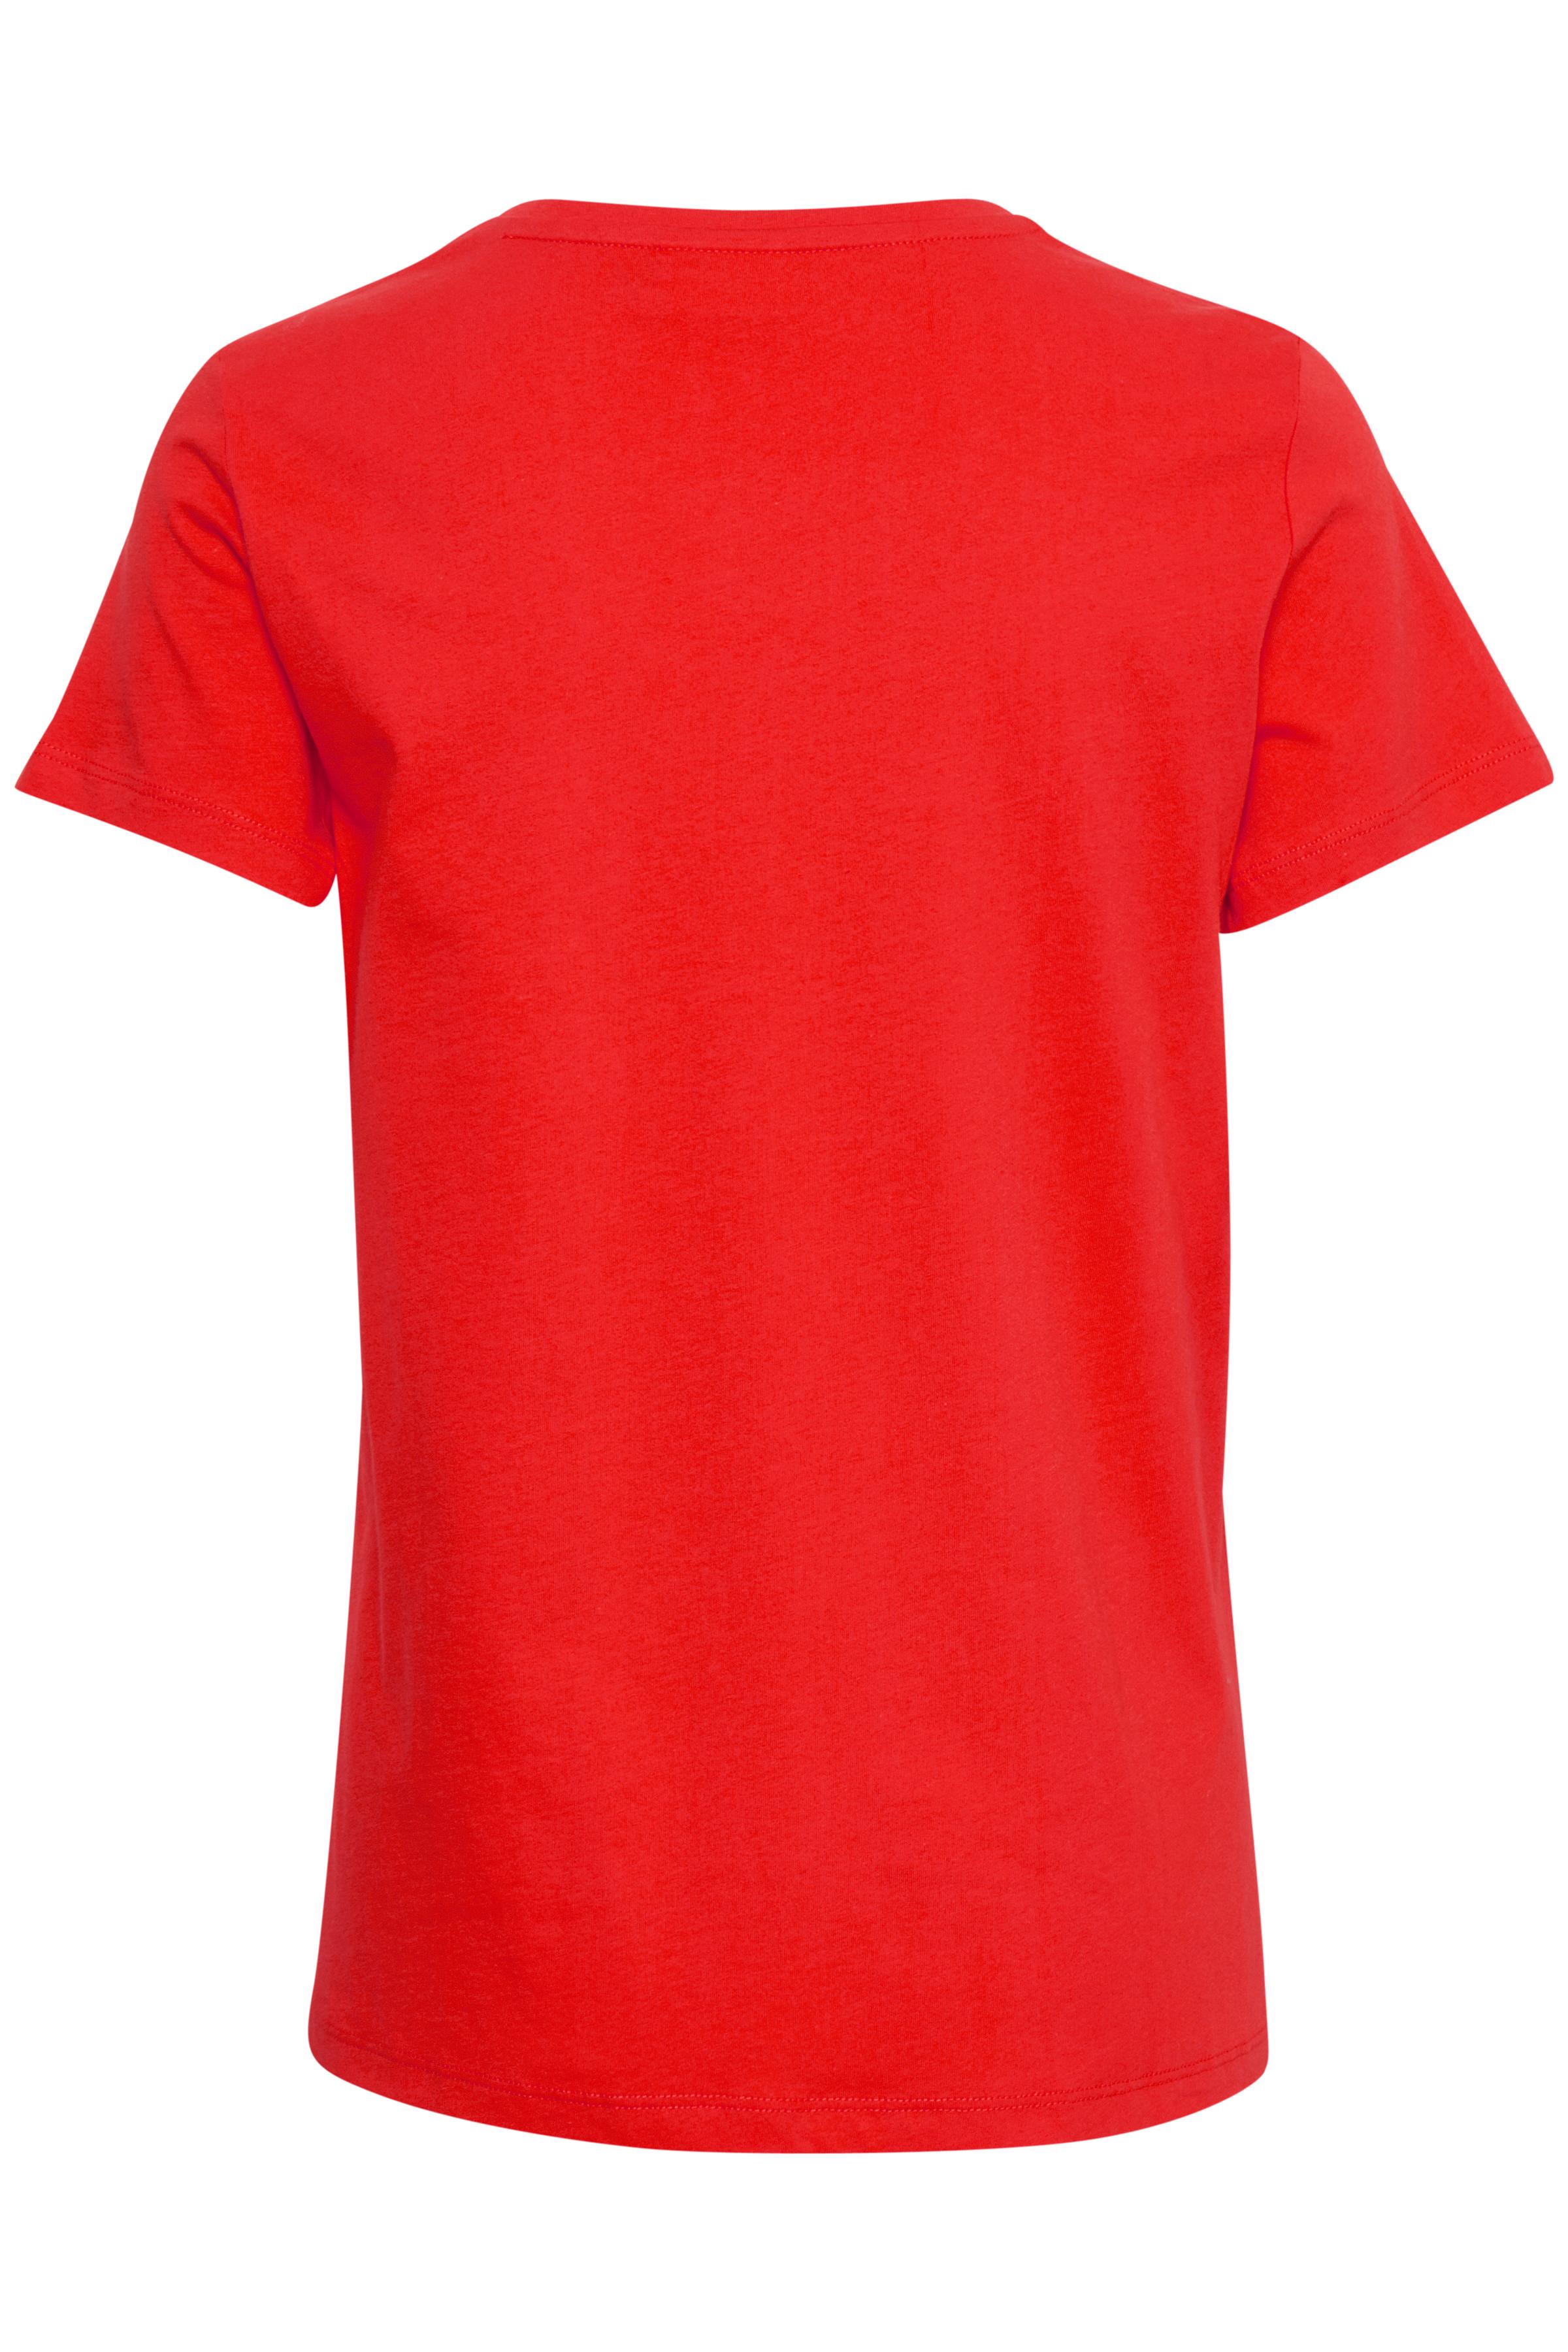 Rot Kurzarm T-Shirt von Kaffe – Shoppen Sie Rot Kurzarm T-Shirt ab Gr. XS-XXL hier